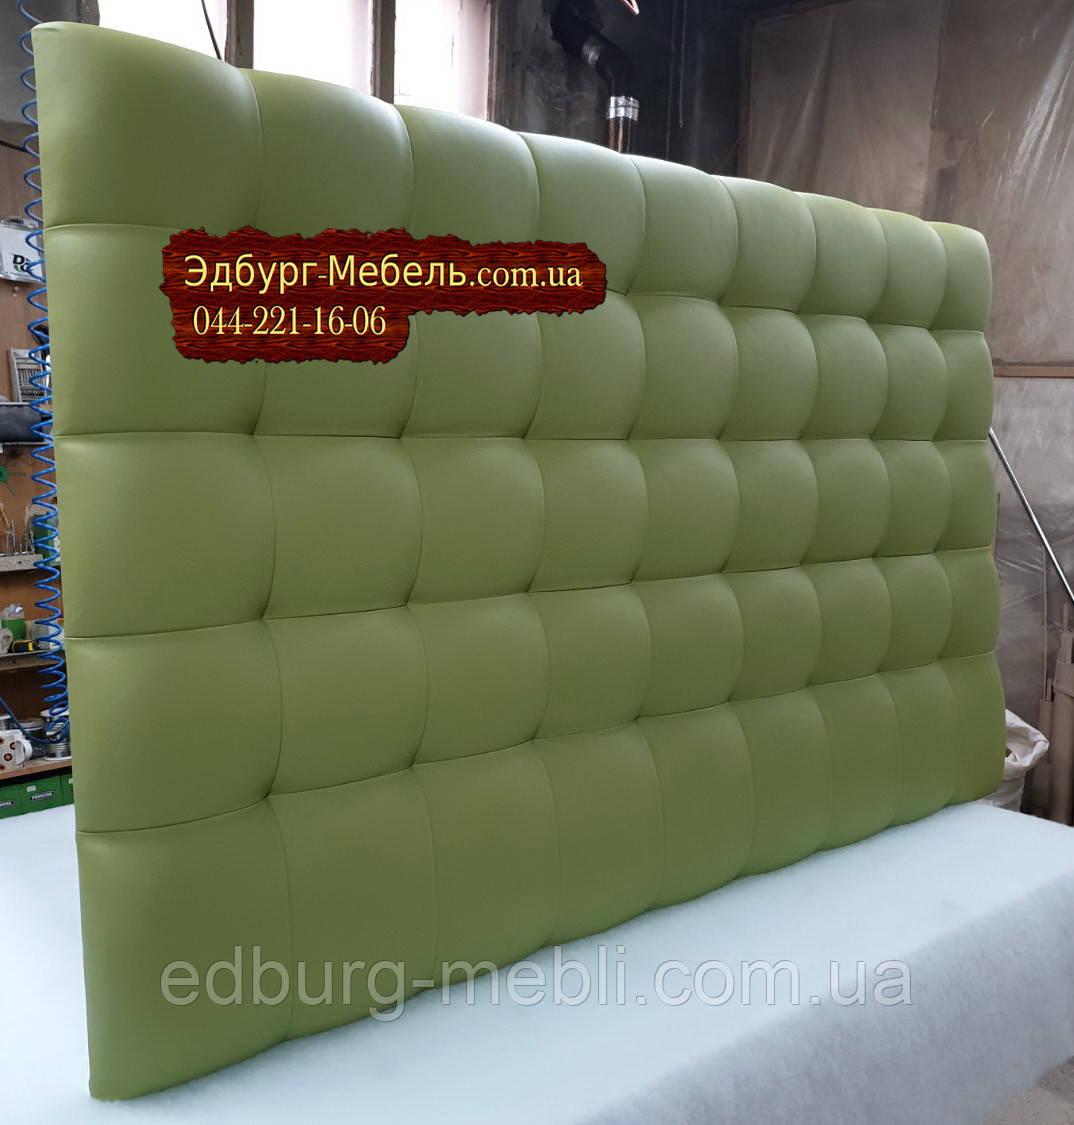 Стеновые панели на заказ Квадро премиум